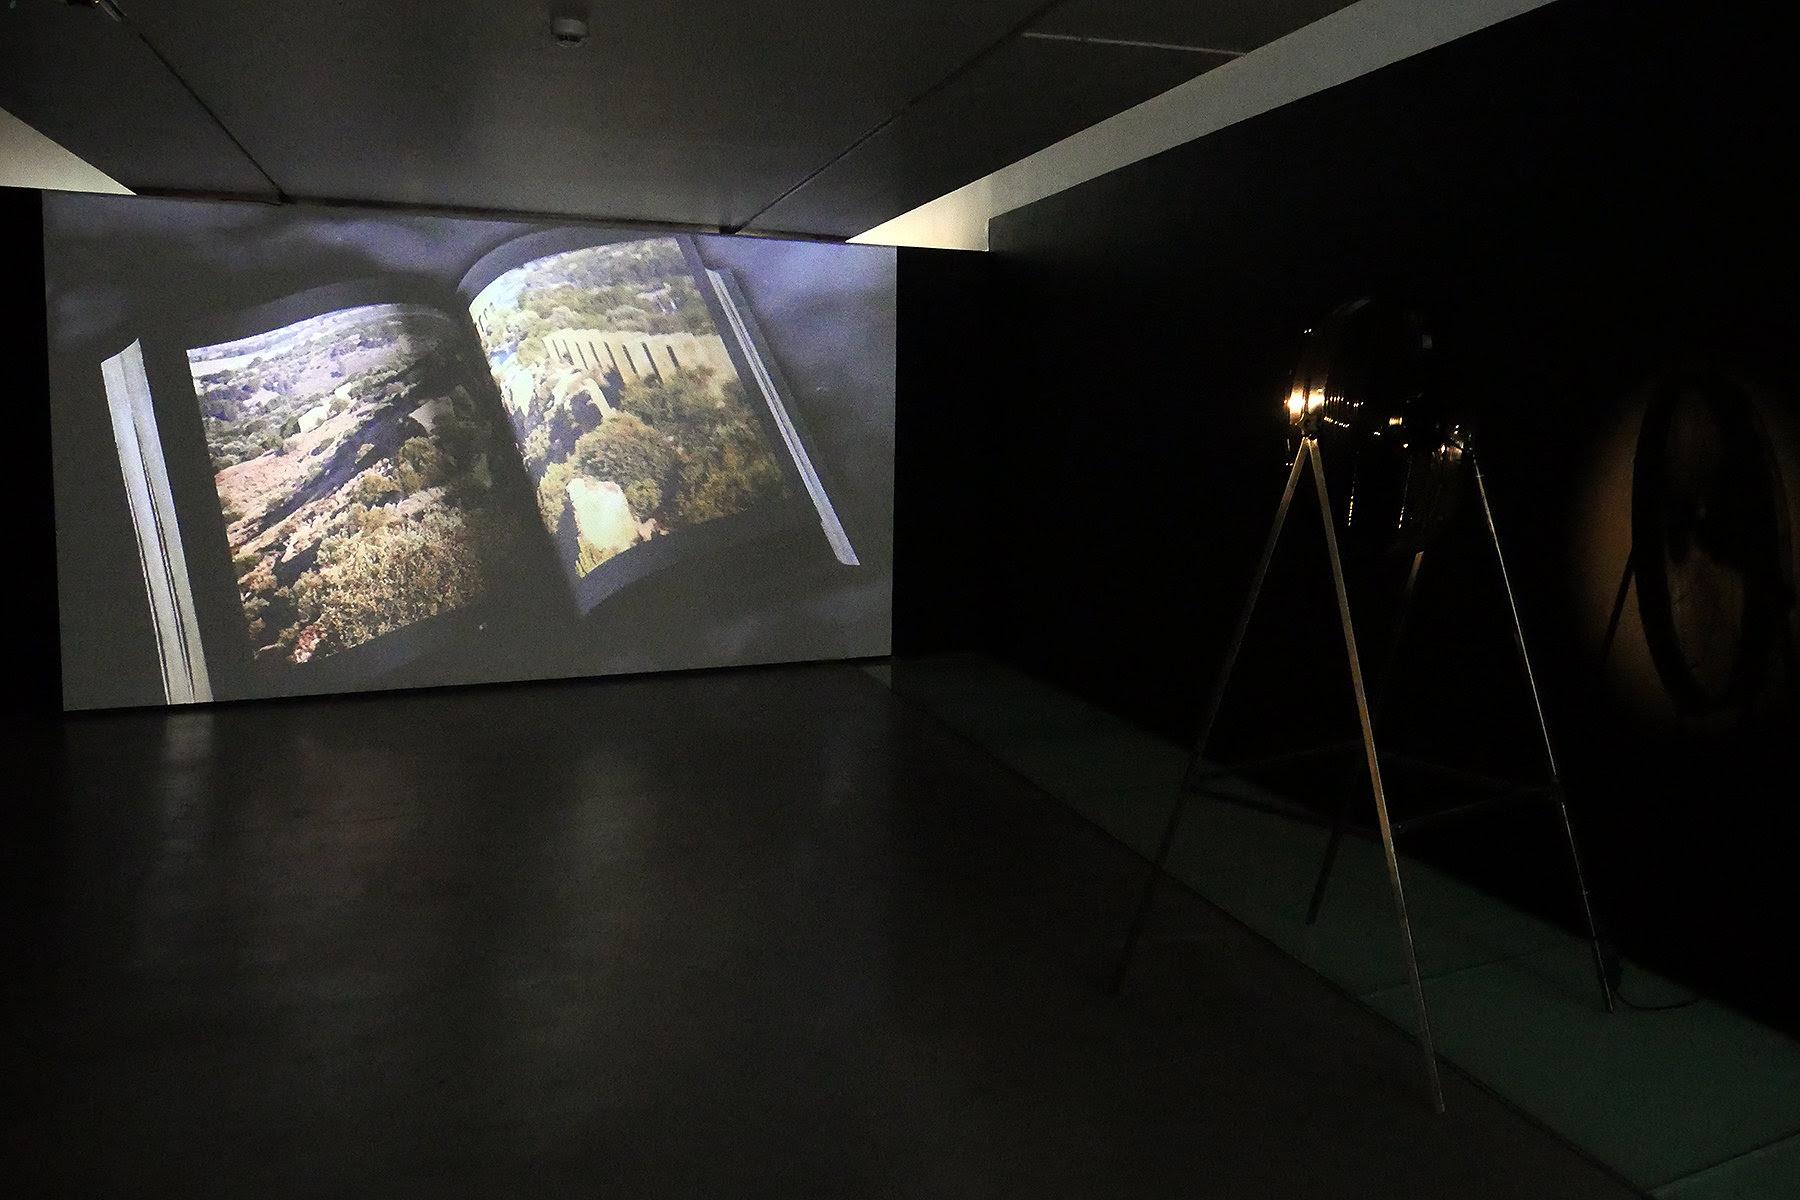 Vista de la exposición 'Fabrizio Plessi. 30 años en Mallorca'. Es Baluard. © de la obra, Fabrizio Plessi, 2019.